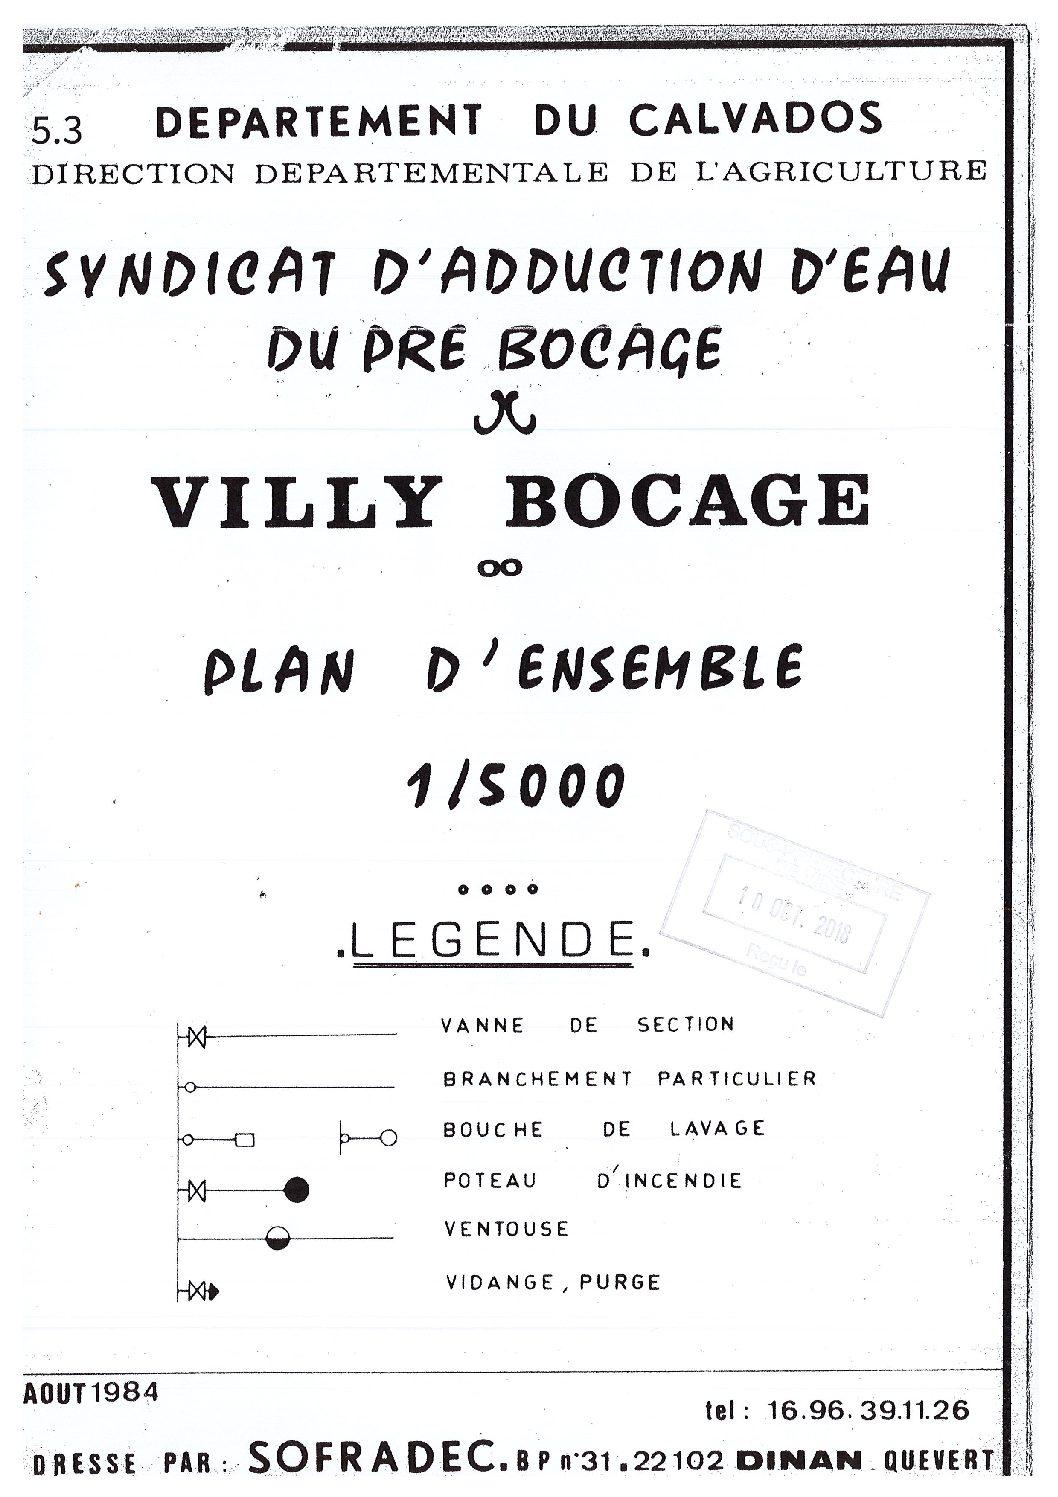 Villy-Bocage : Plan réseau eau potable